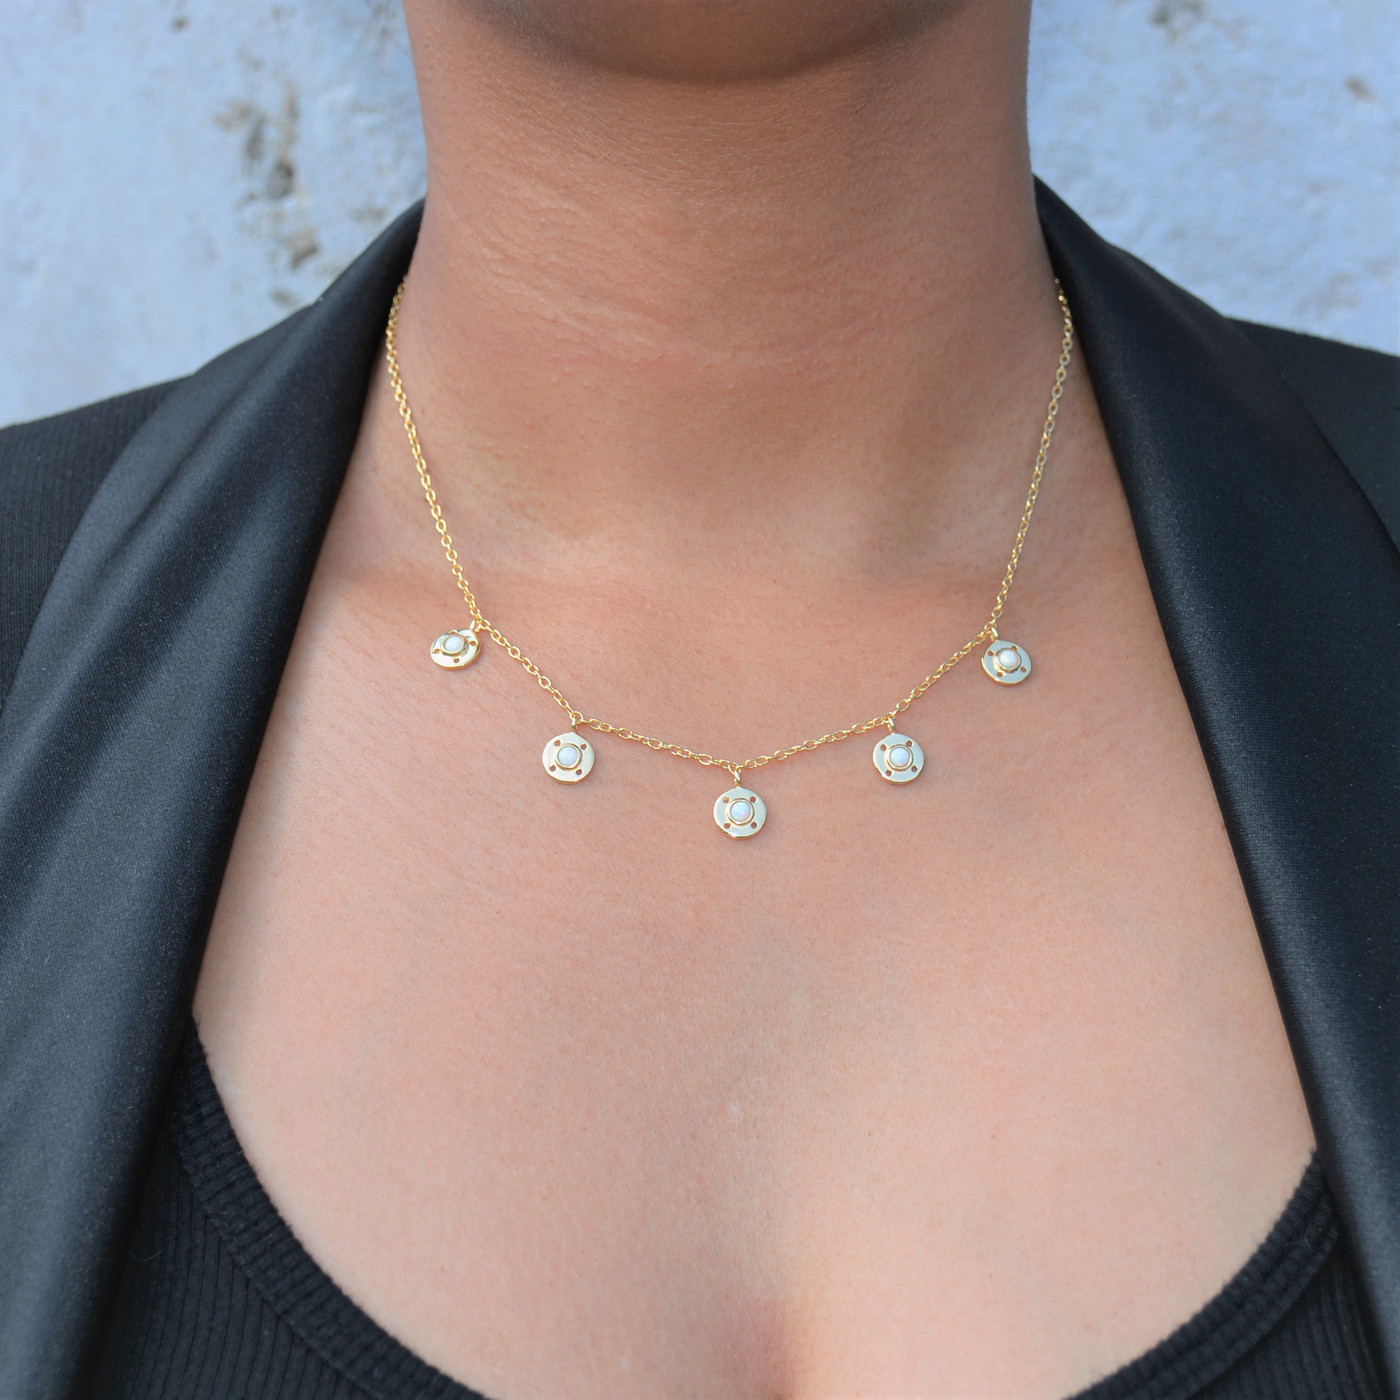 Opal Goddess Necklace